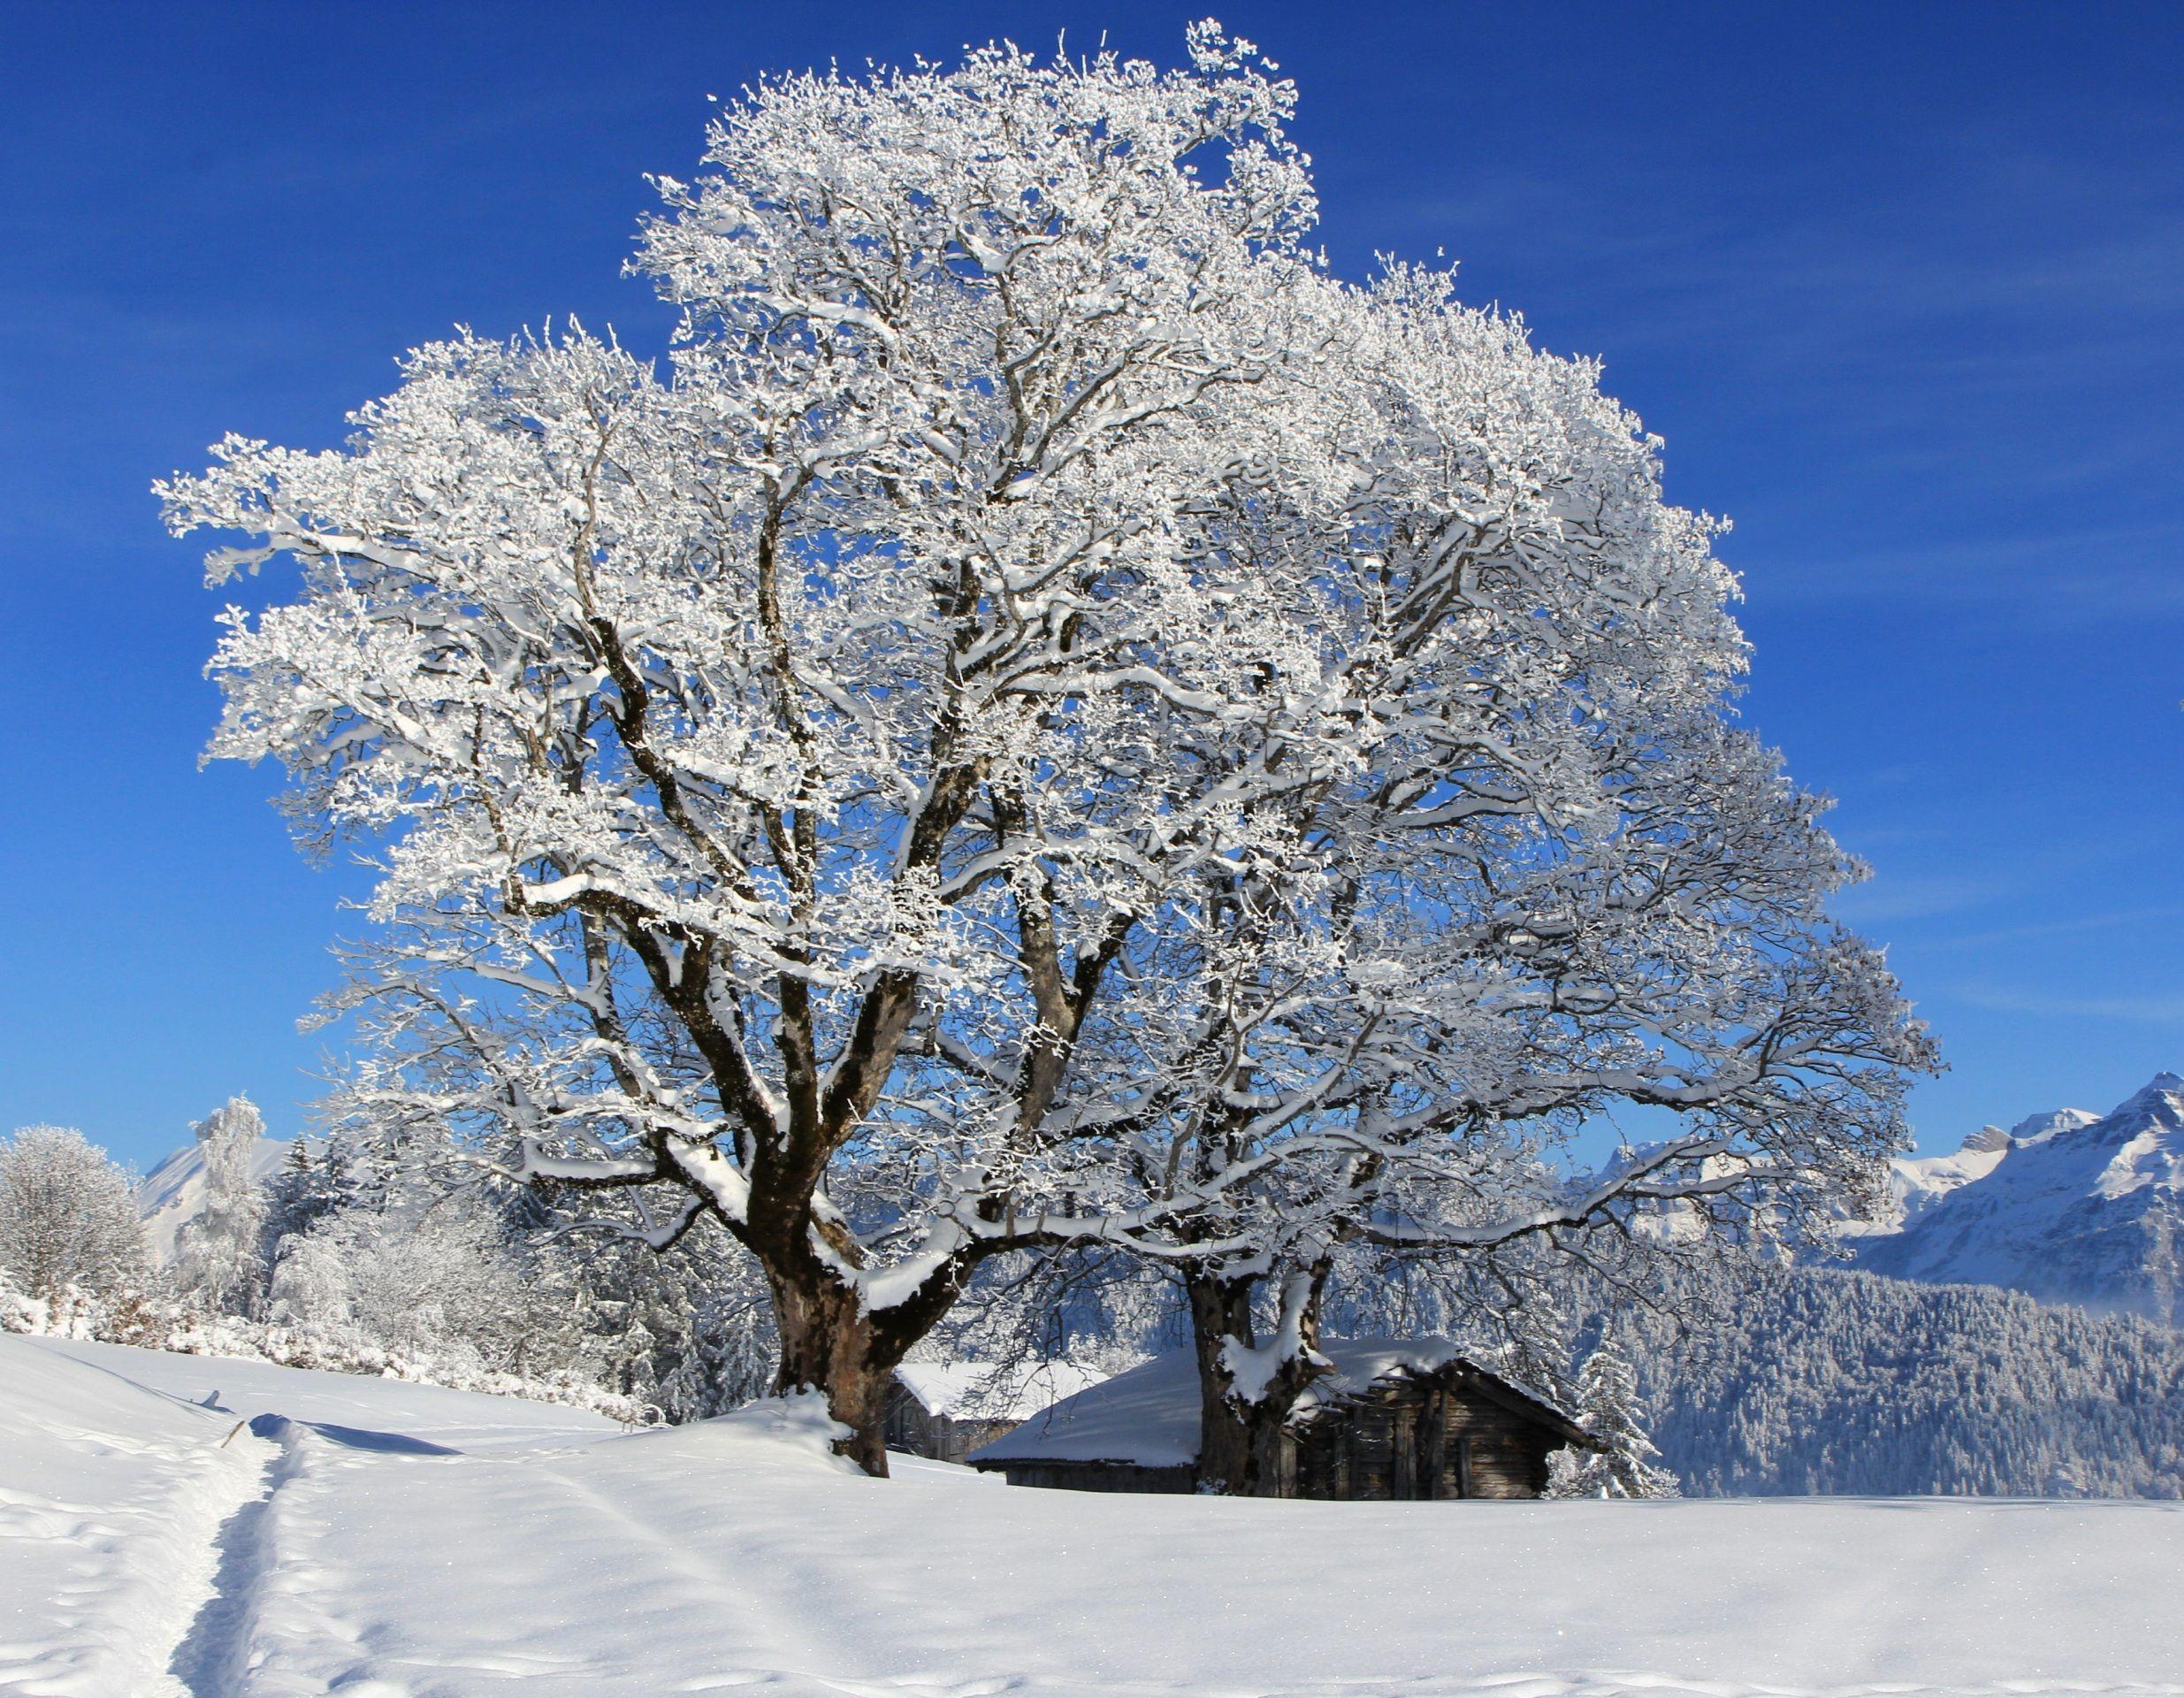 Fonds d'ecran Saison Hiver Neige Arbres Nature Image #405709 Télécharger | Autour de nos maisons ...